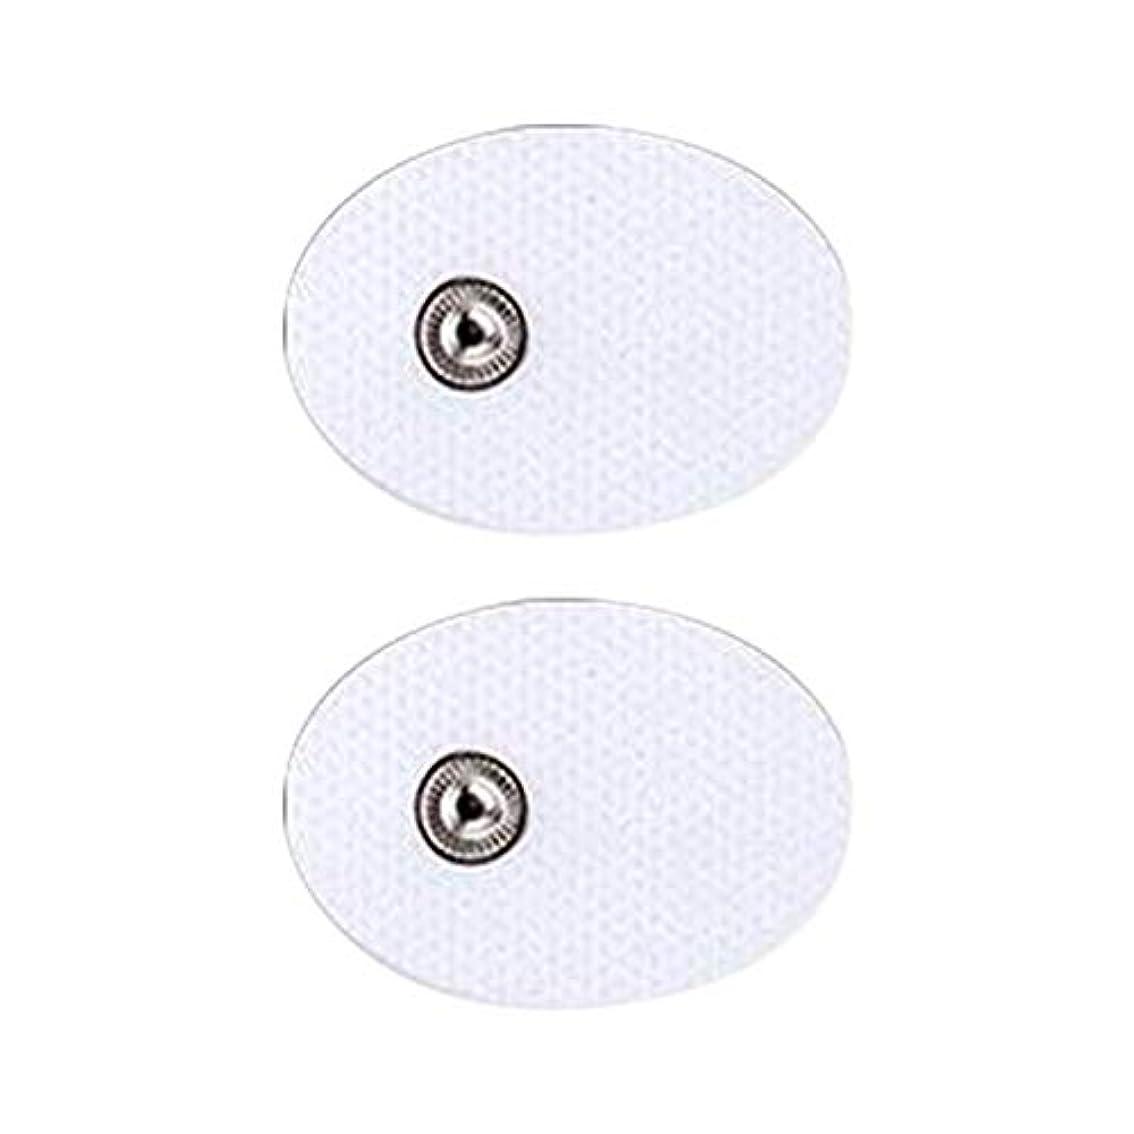 折東提出する電気TENS 低周波治療器 交換用パッド 迅速で効果的に痛み緩和治療デバイス 全身用電気デジタルパルス刺激マッサージャー 2個 /セット (2A)